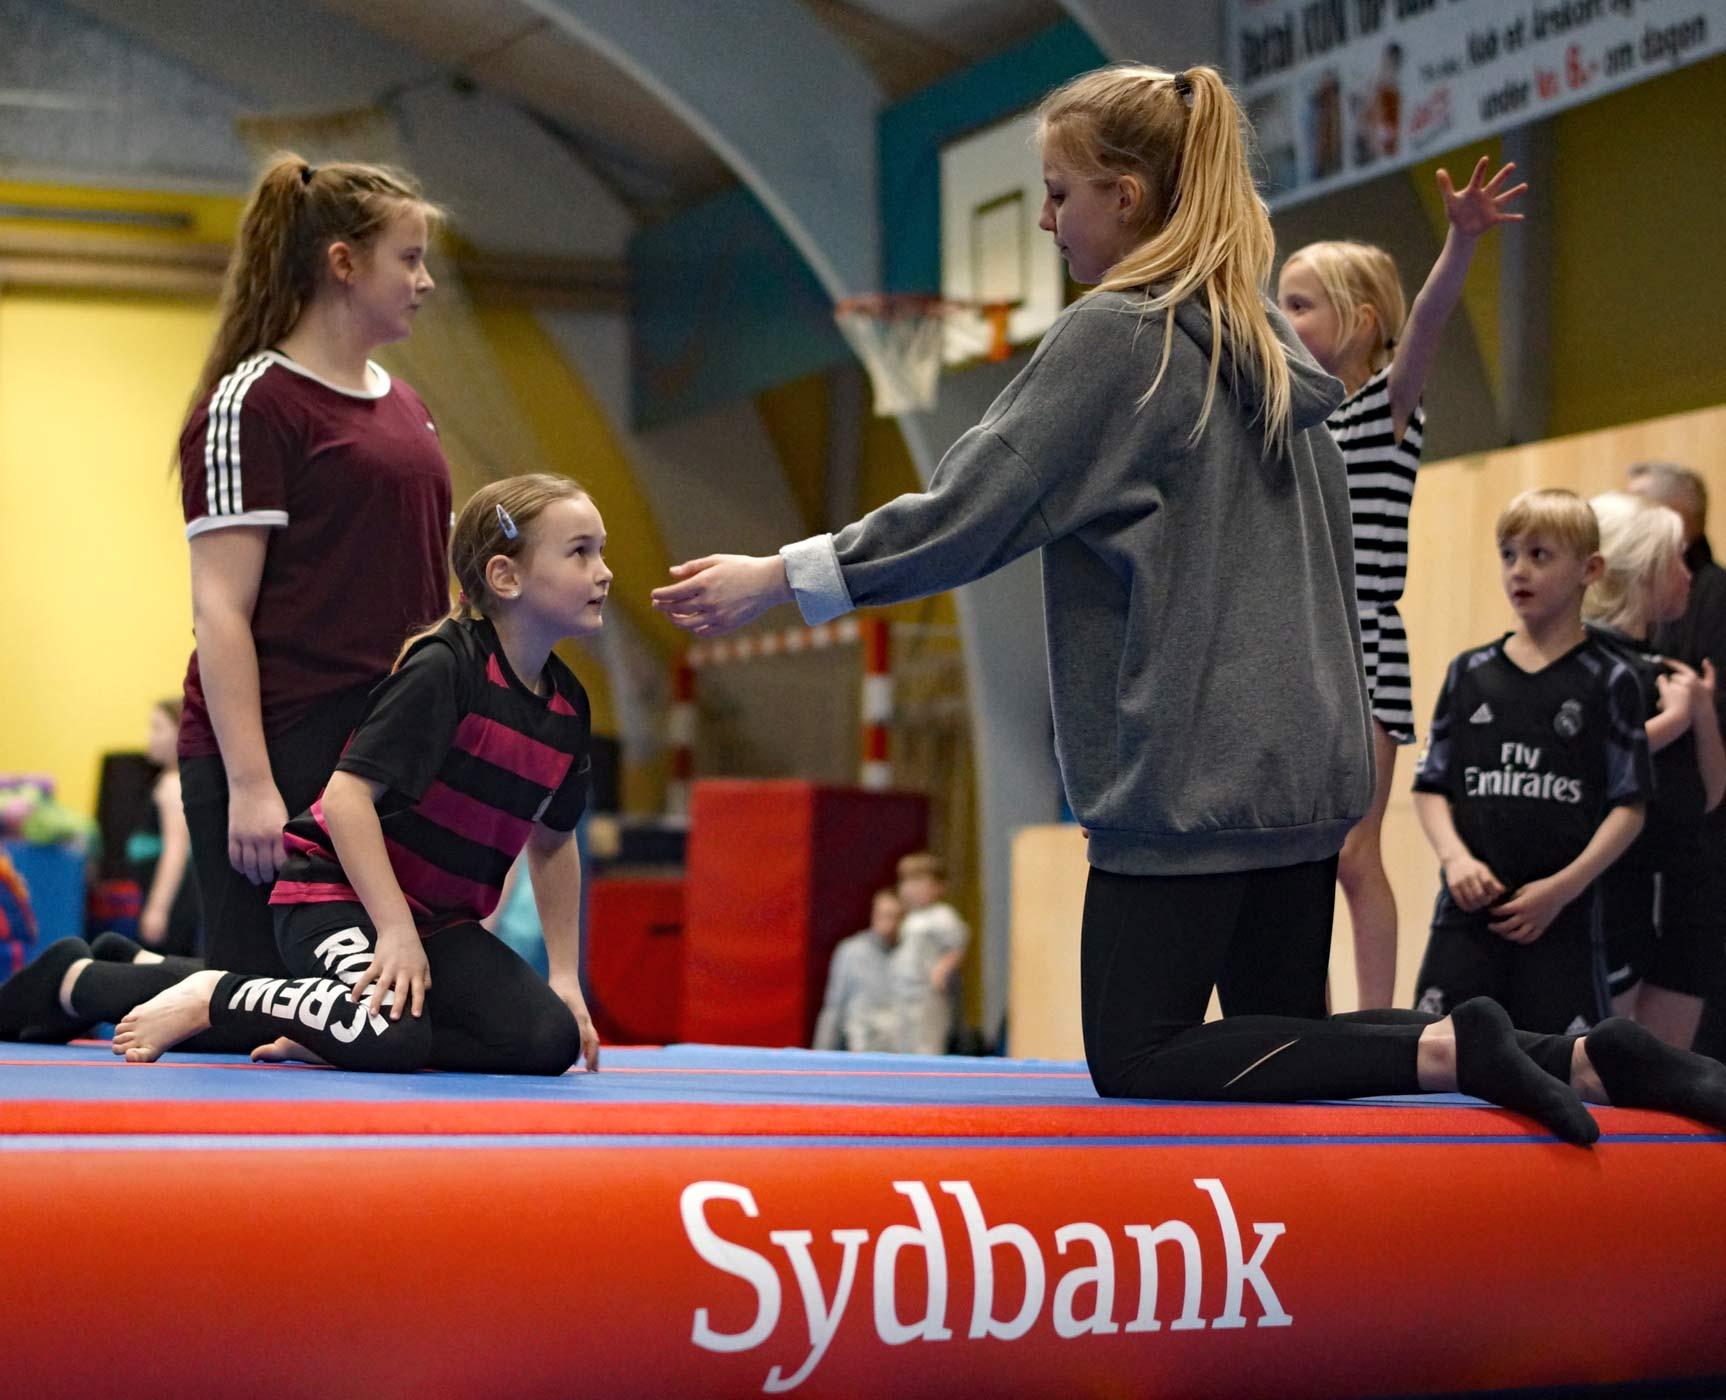 Gymnasterne i AIF tog godt imod den nye AIR-track, der straks blev taget i brug Foto: Karsten Madsen